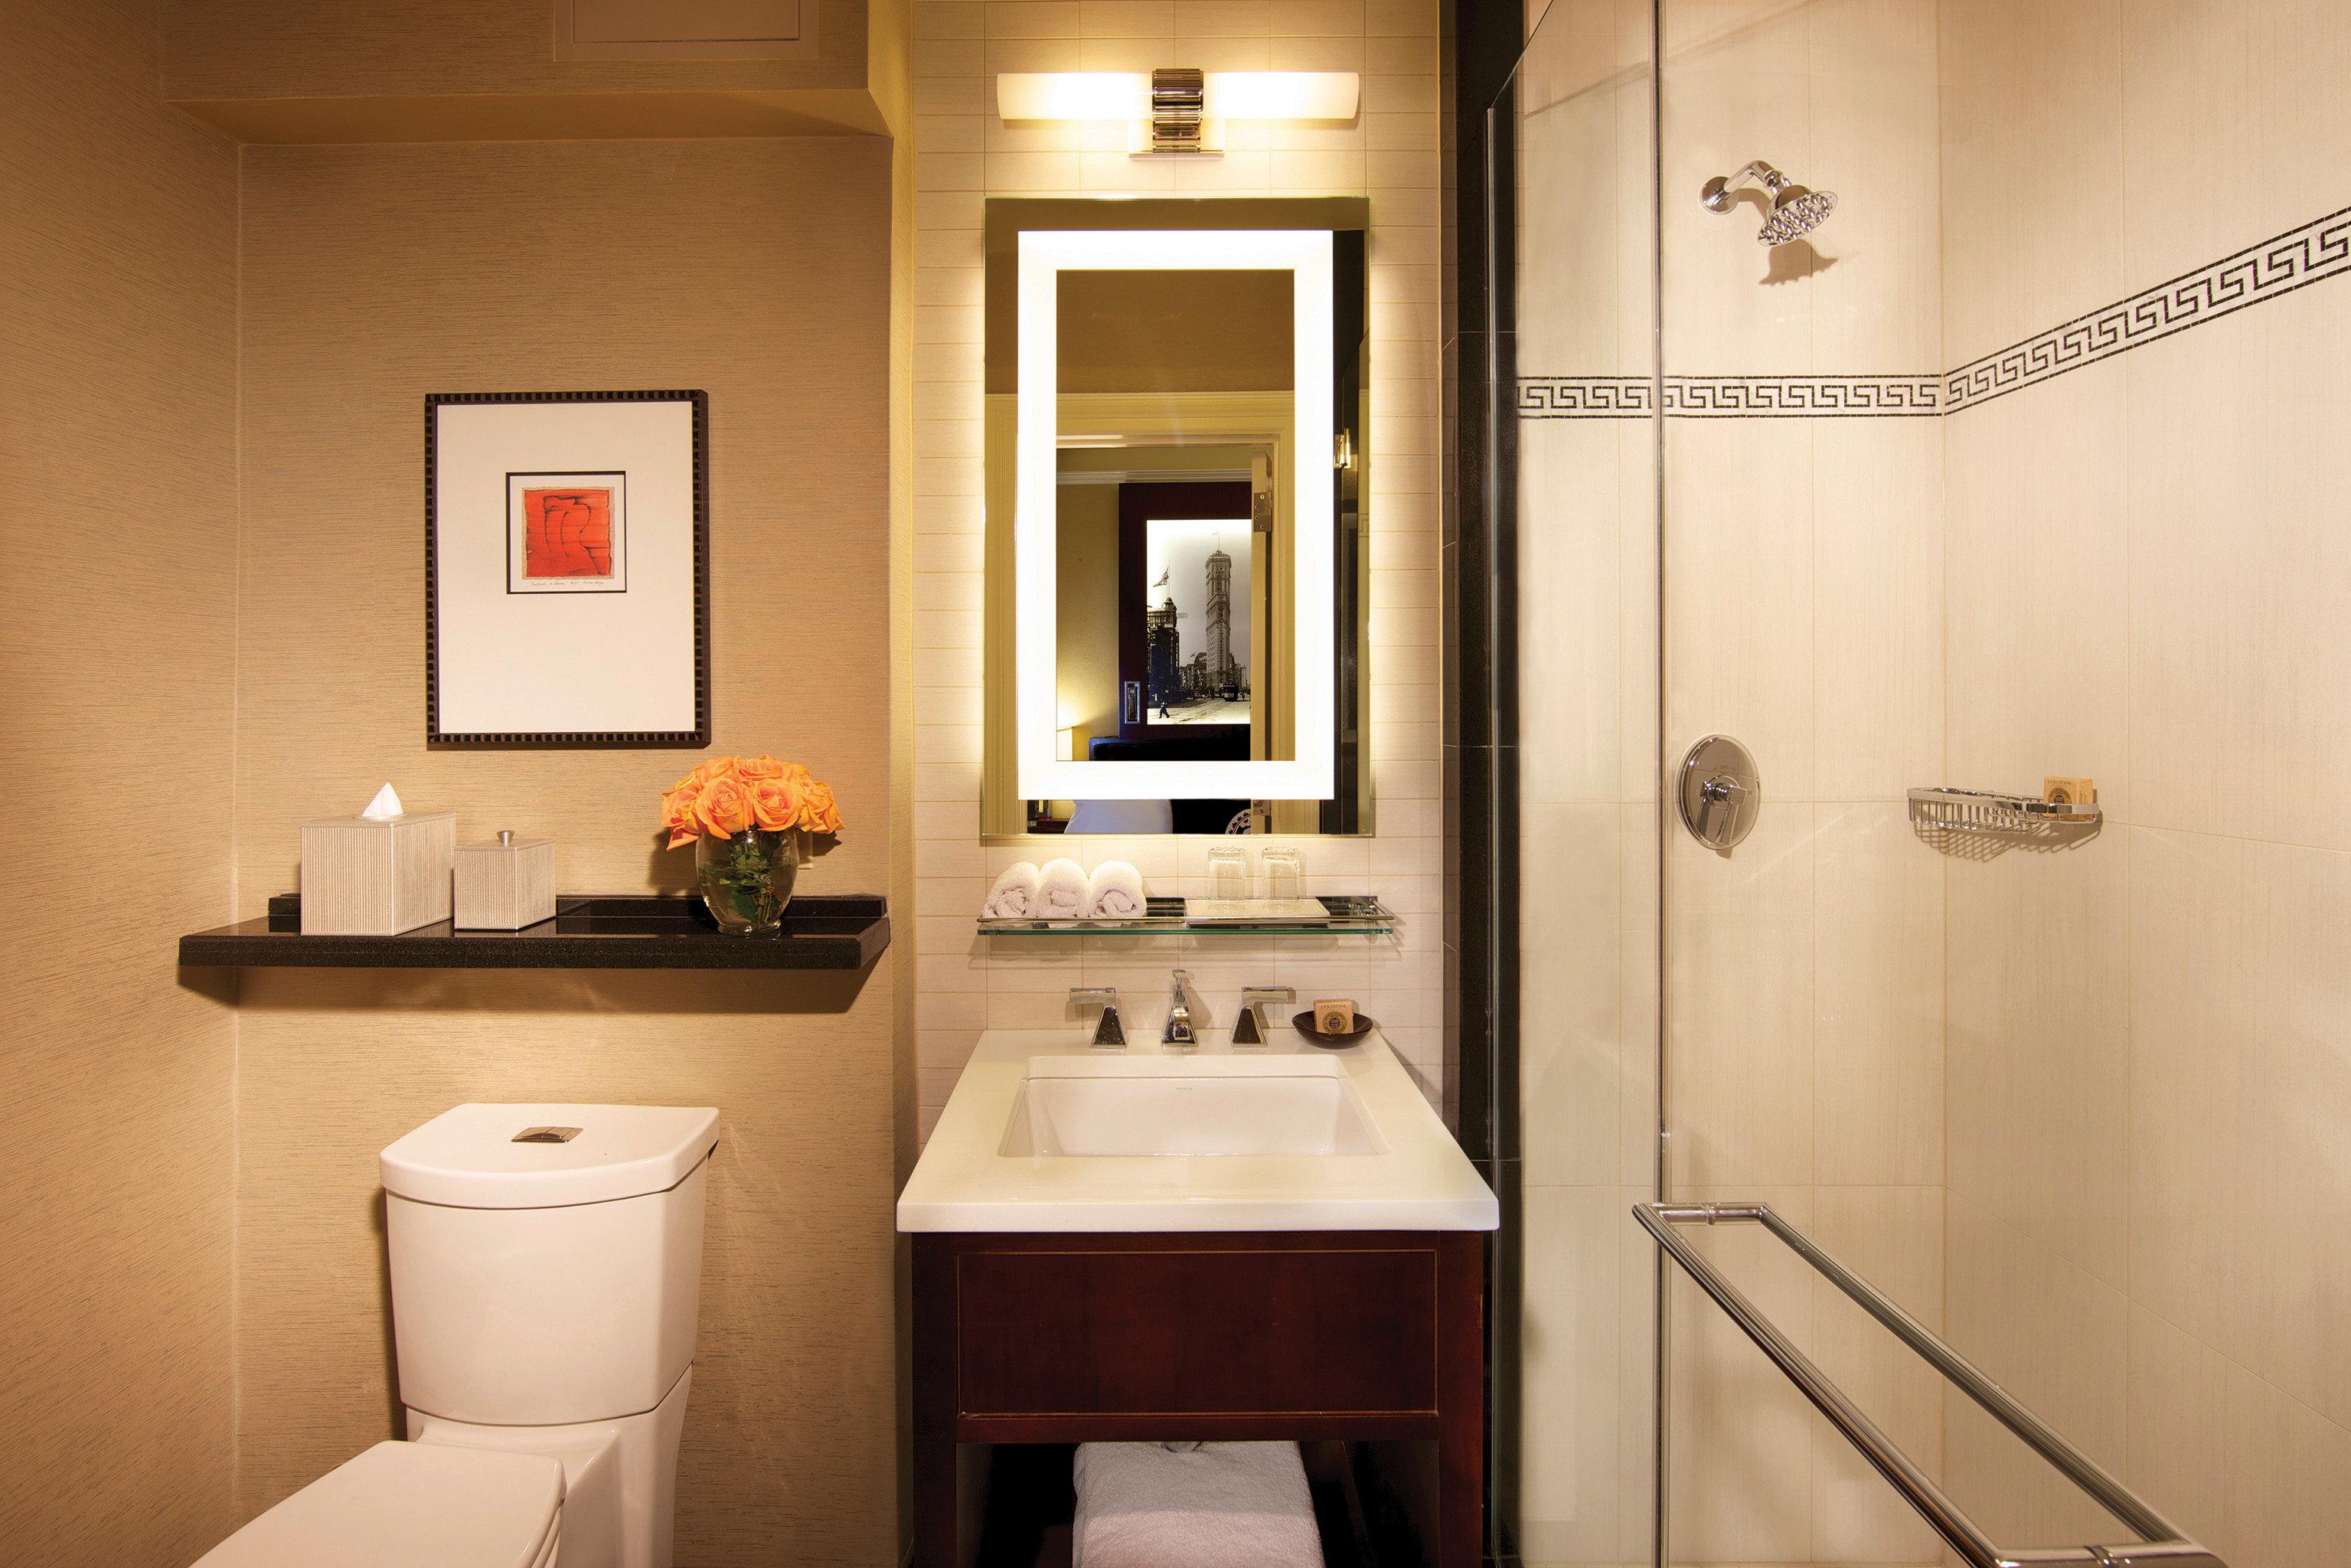 Bath bathroom property home sink lighting Suite cottage